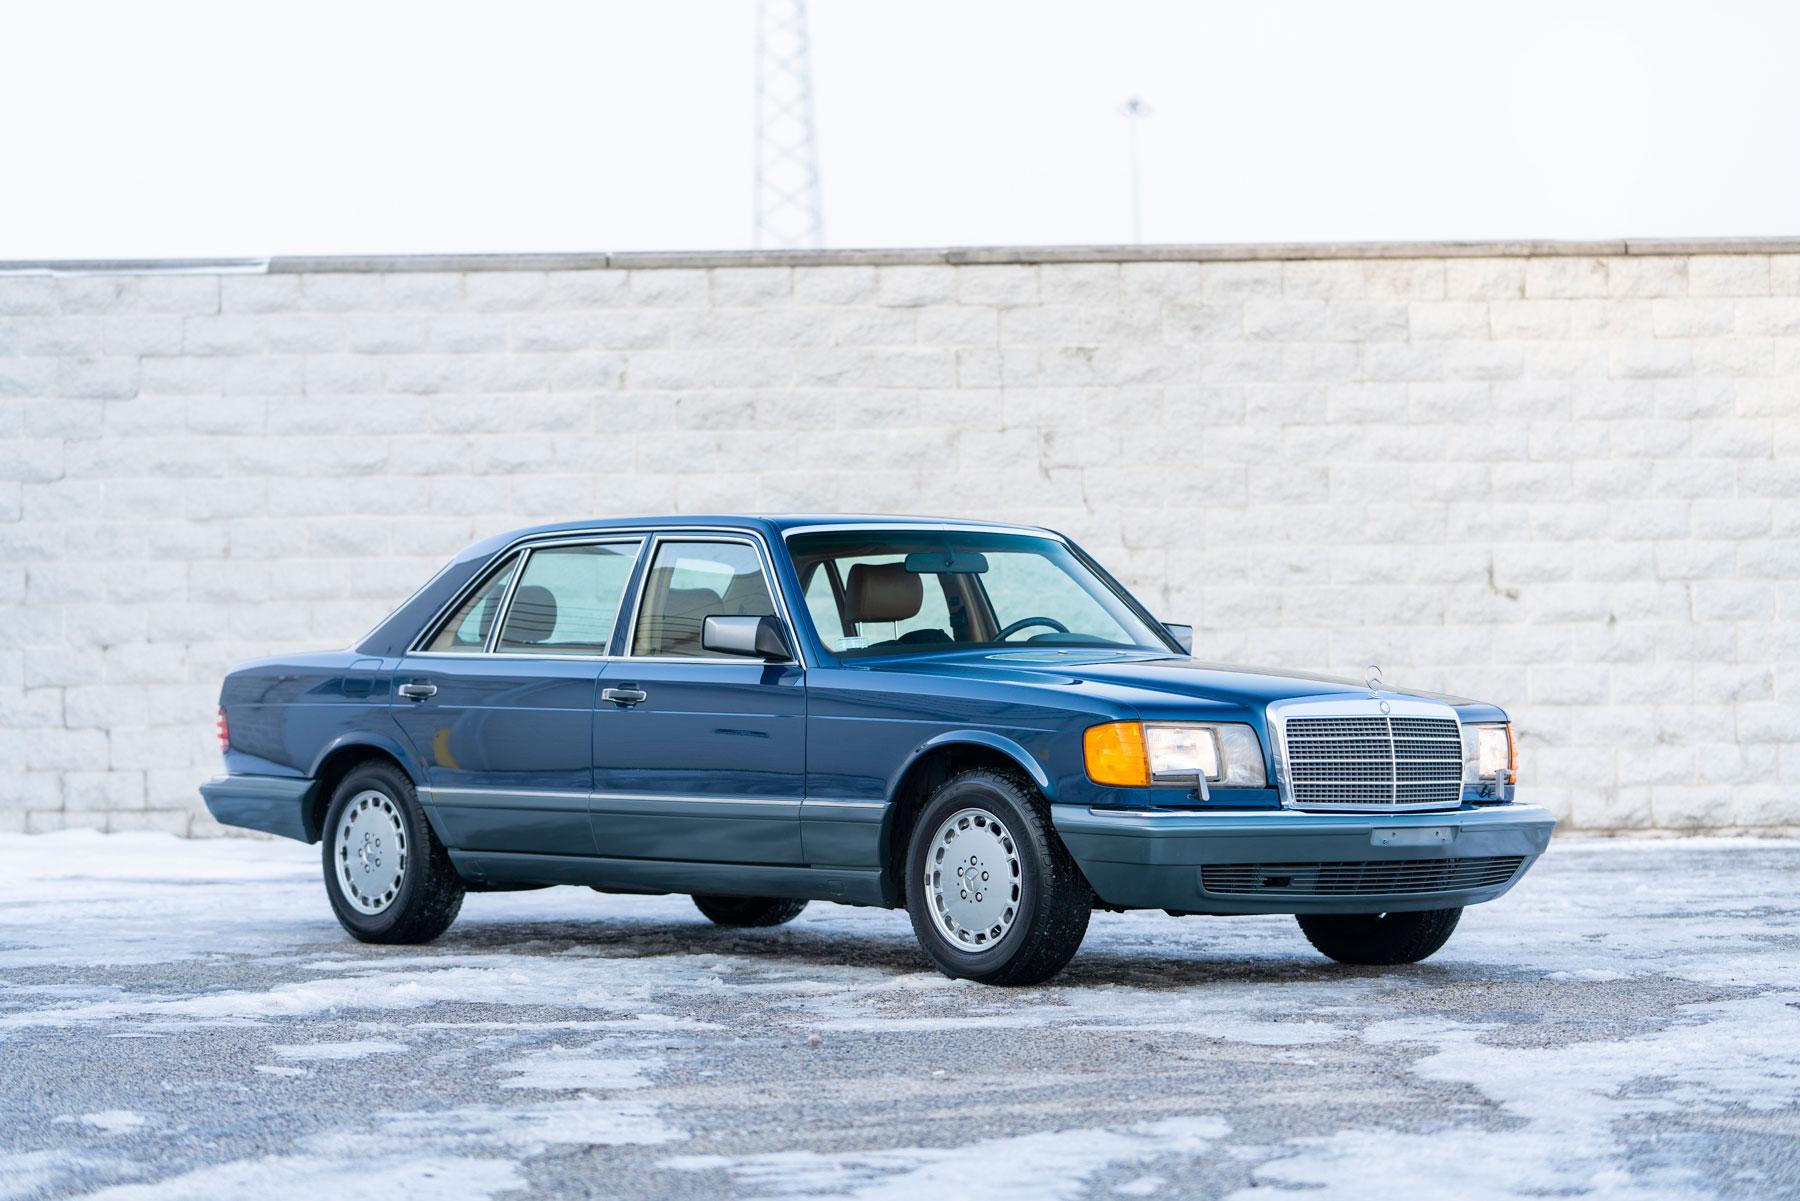 1986 Mercedes-Benz 420 SEL